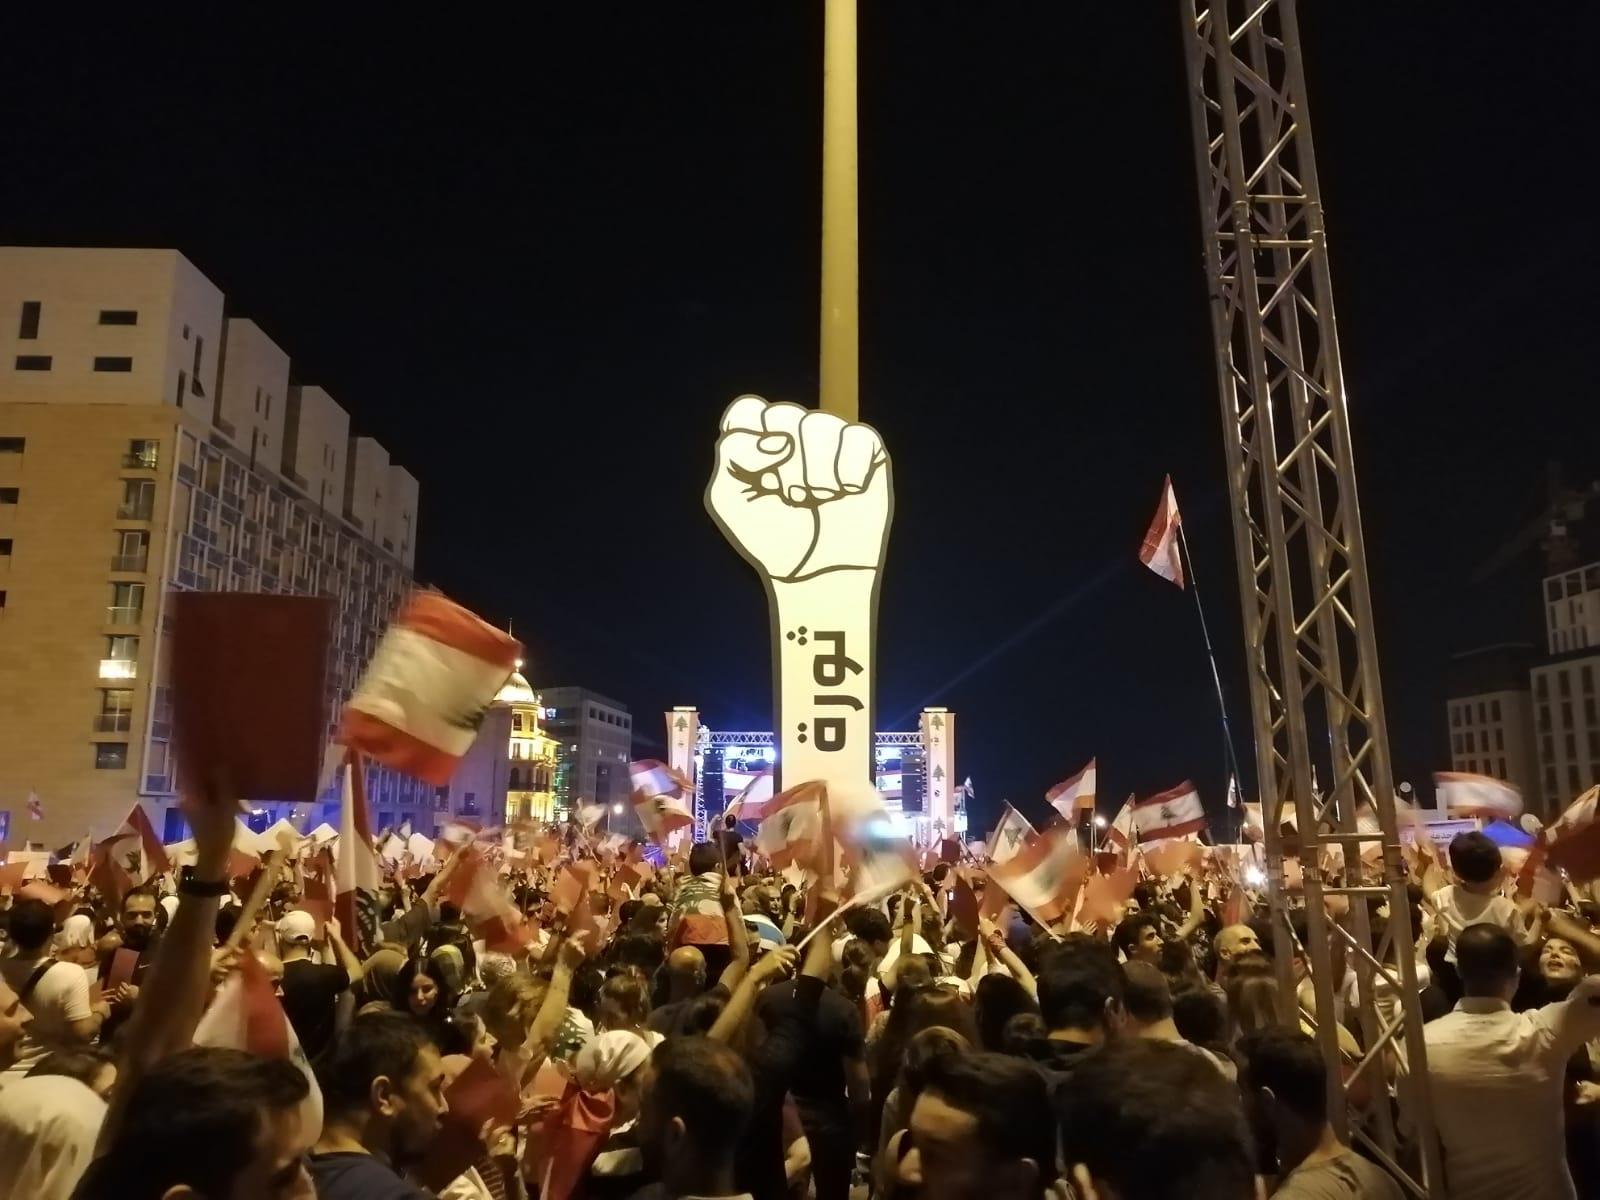 Notte di proteste nella capitale libanese (Foto di Roberto Renino/Nena News)